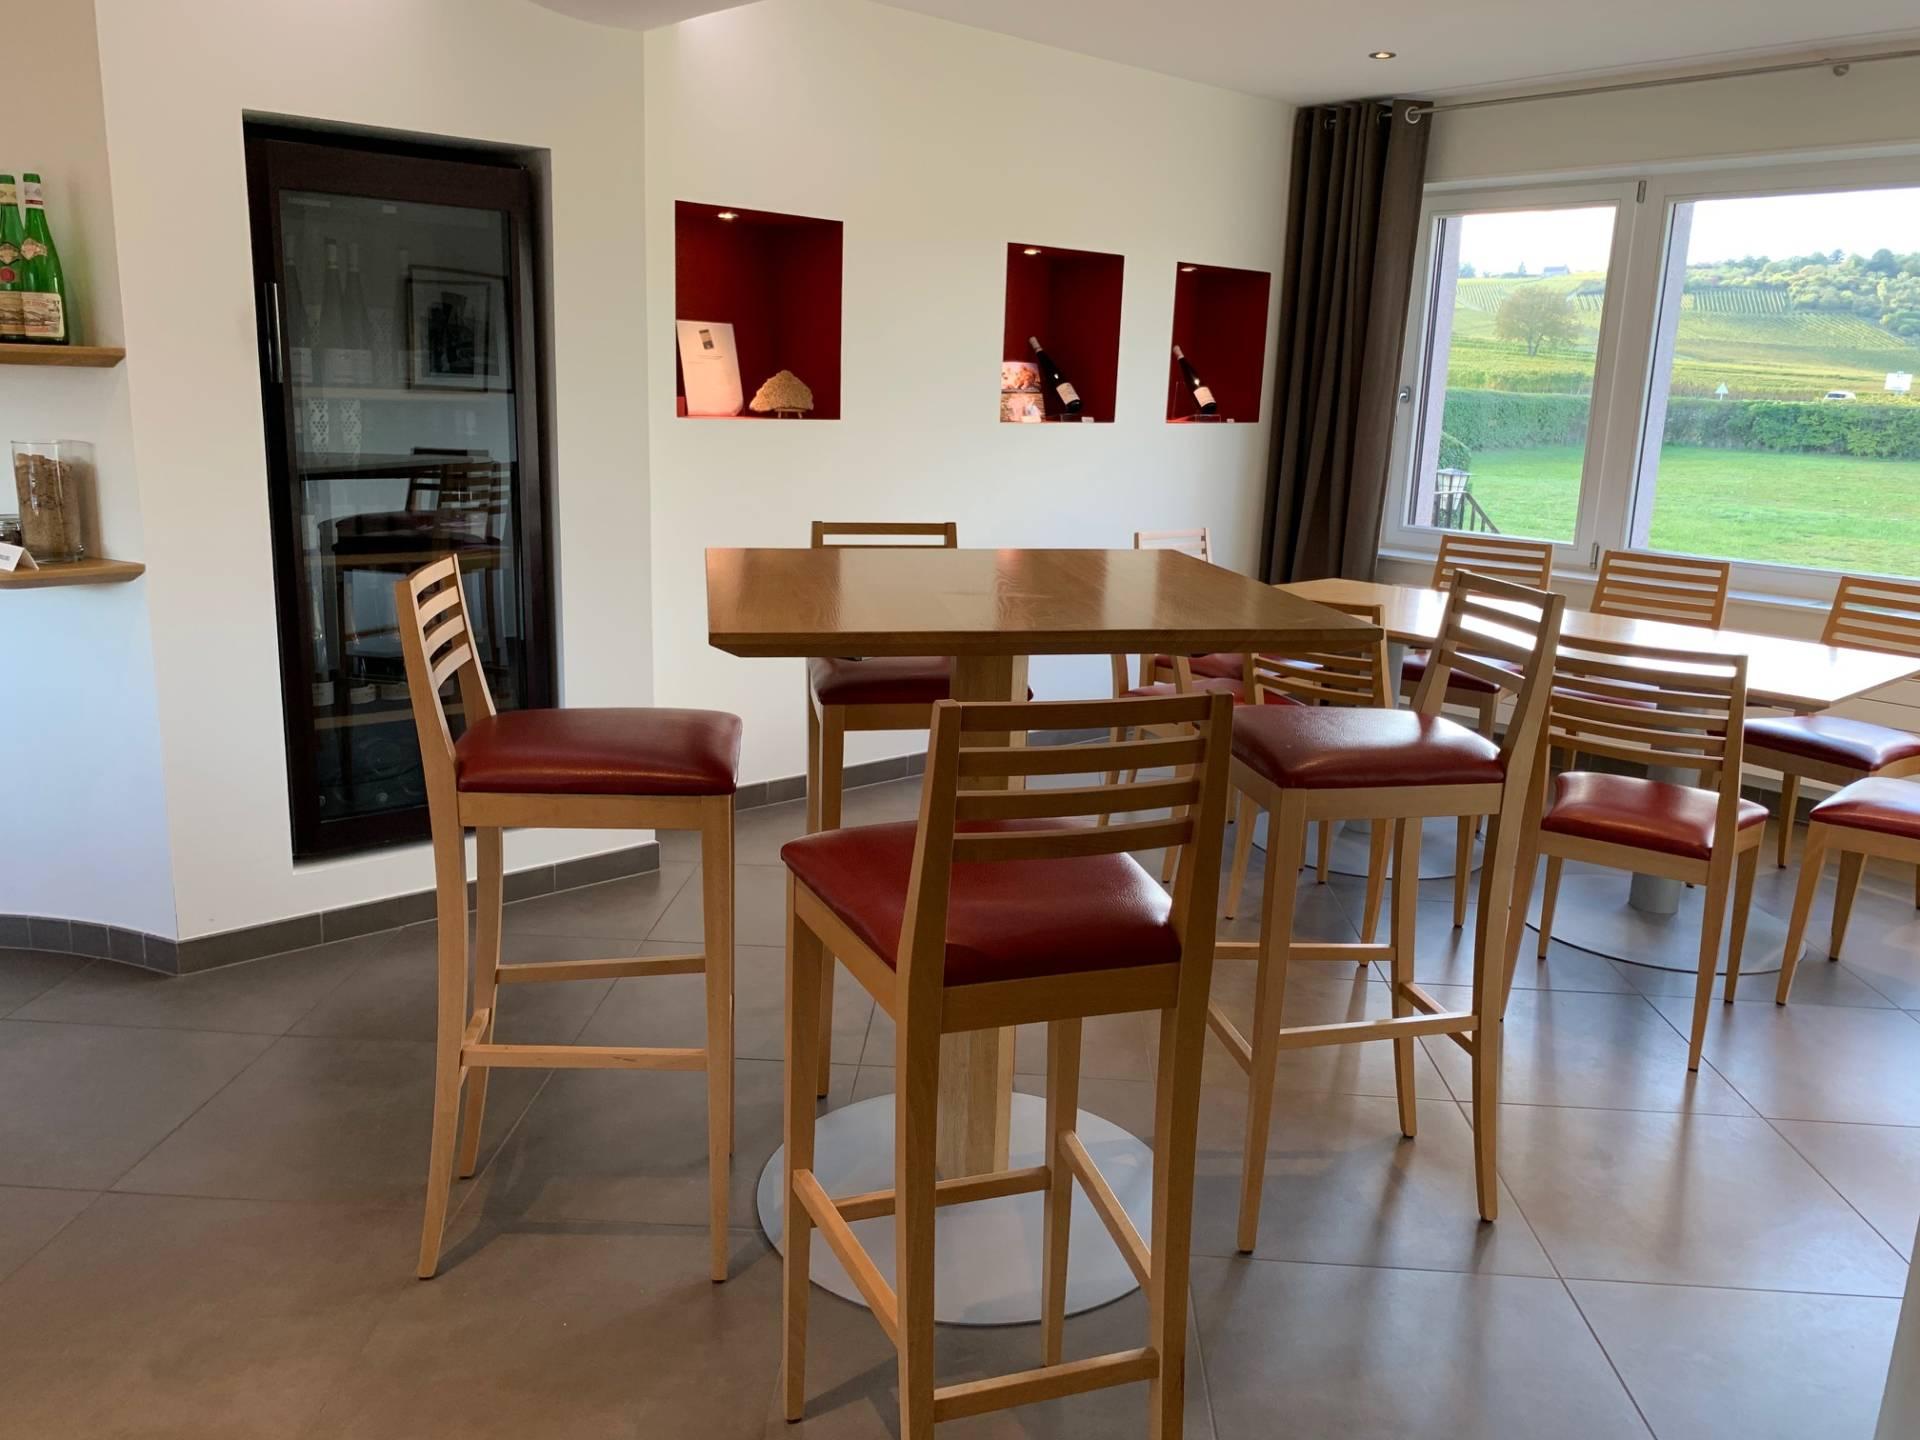 Choix des revêtements, aménagement et décoration d'une salle de dégustation d'un domaine viticole par Inspiration Design : Décoratrice UFDI à Colmar